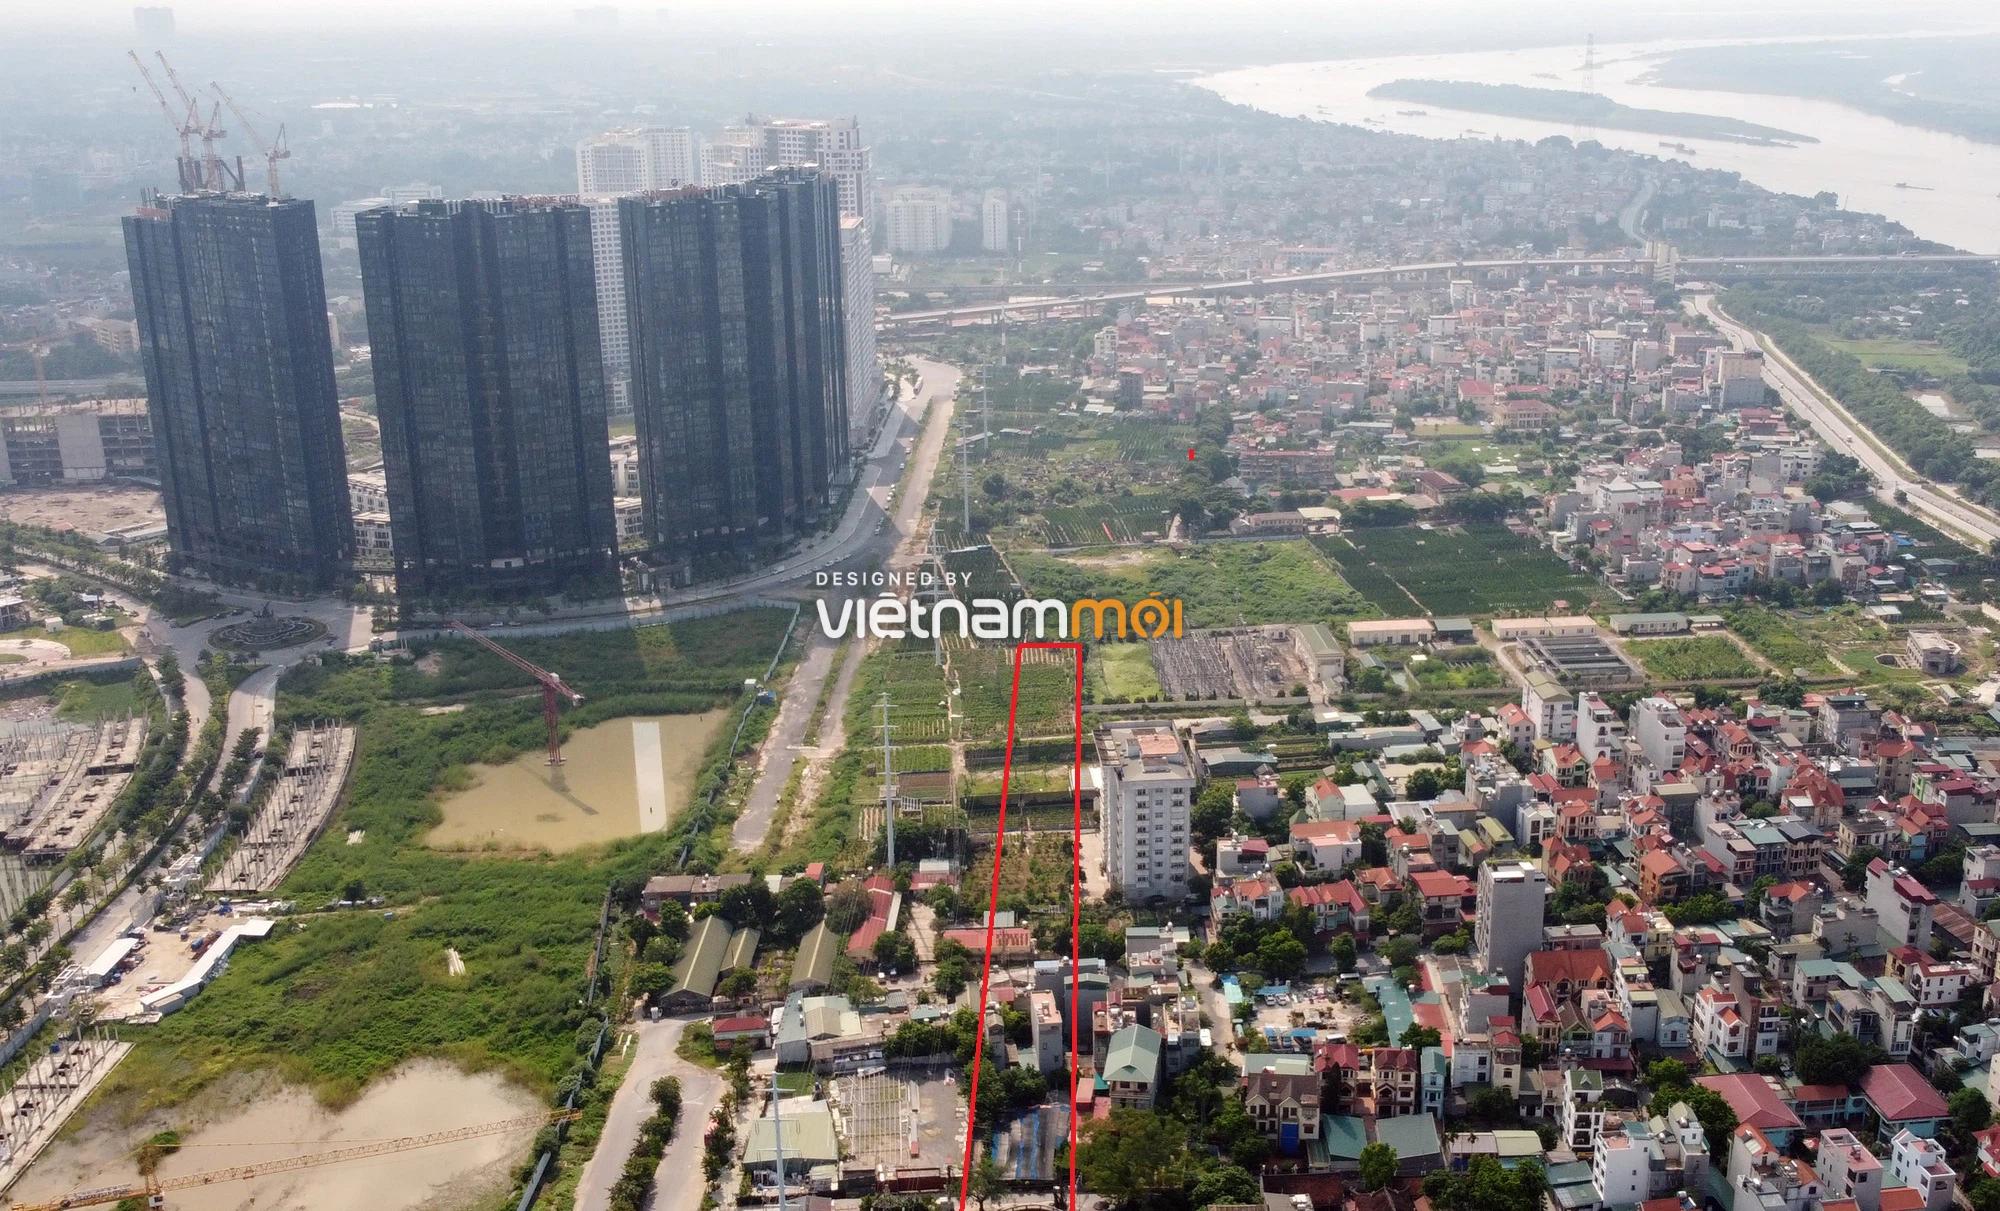 Những khu đất sắp thu hồi để mở đường ở quận Tây Hồ, Hà Nội (phần 3) - Ảnh 12.